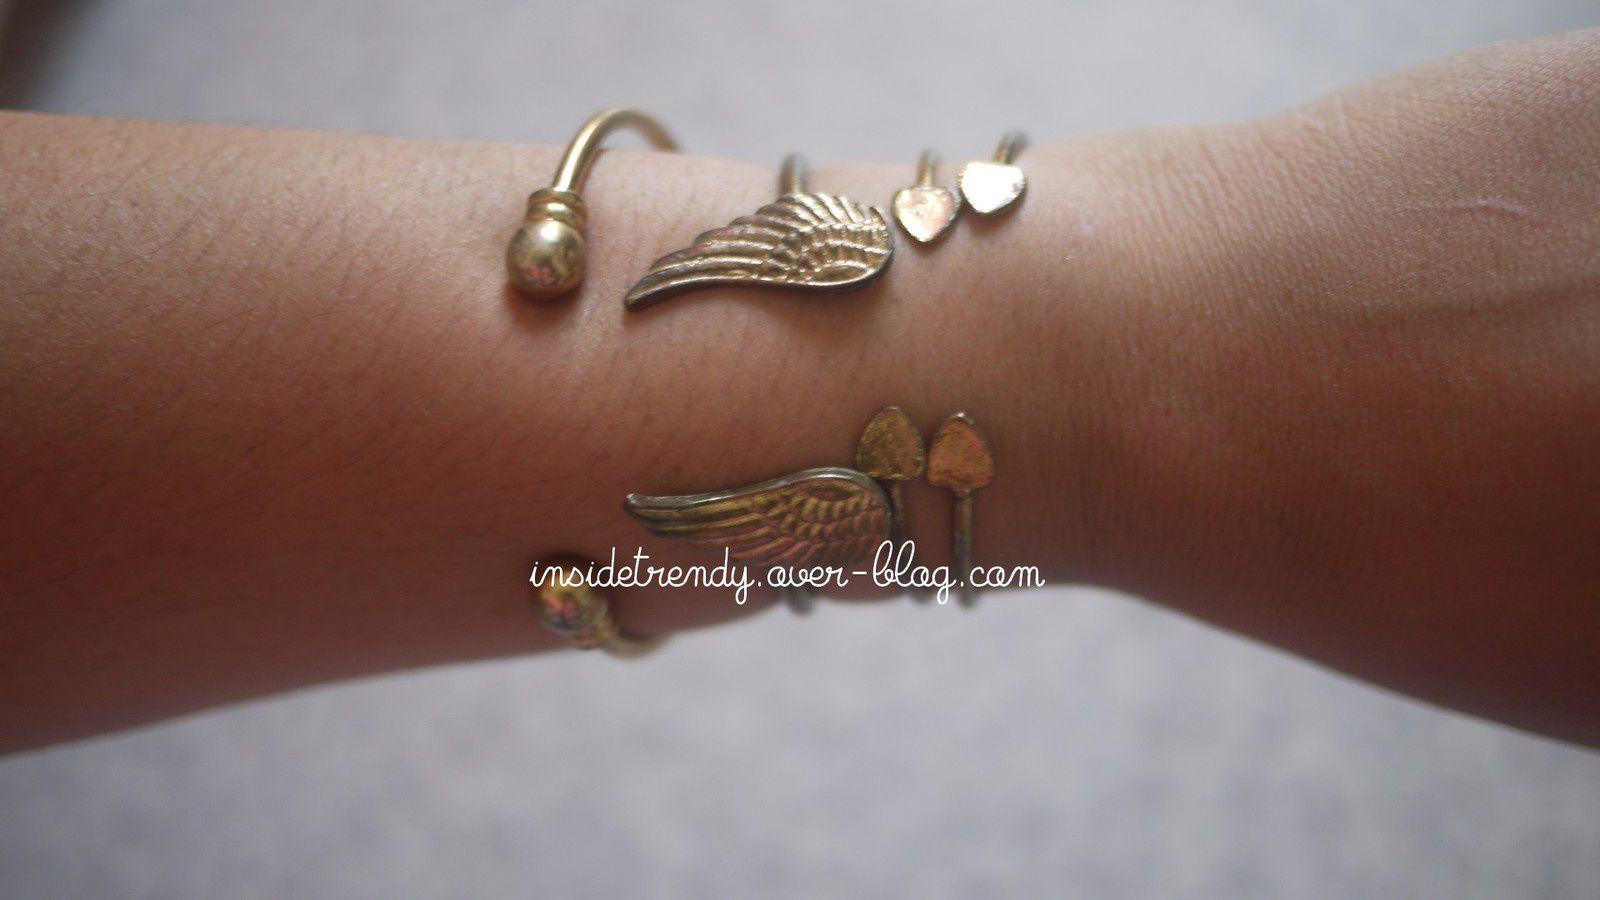 Ma collection de montres &amp&#x3B; bracelets - Ete 2015 ( Primark, Pretty-bijoux.com, C&amp&#x3B;A, H&amp&#x3B;M ... ) PARTIE 2 : LES BRACELETS